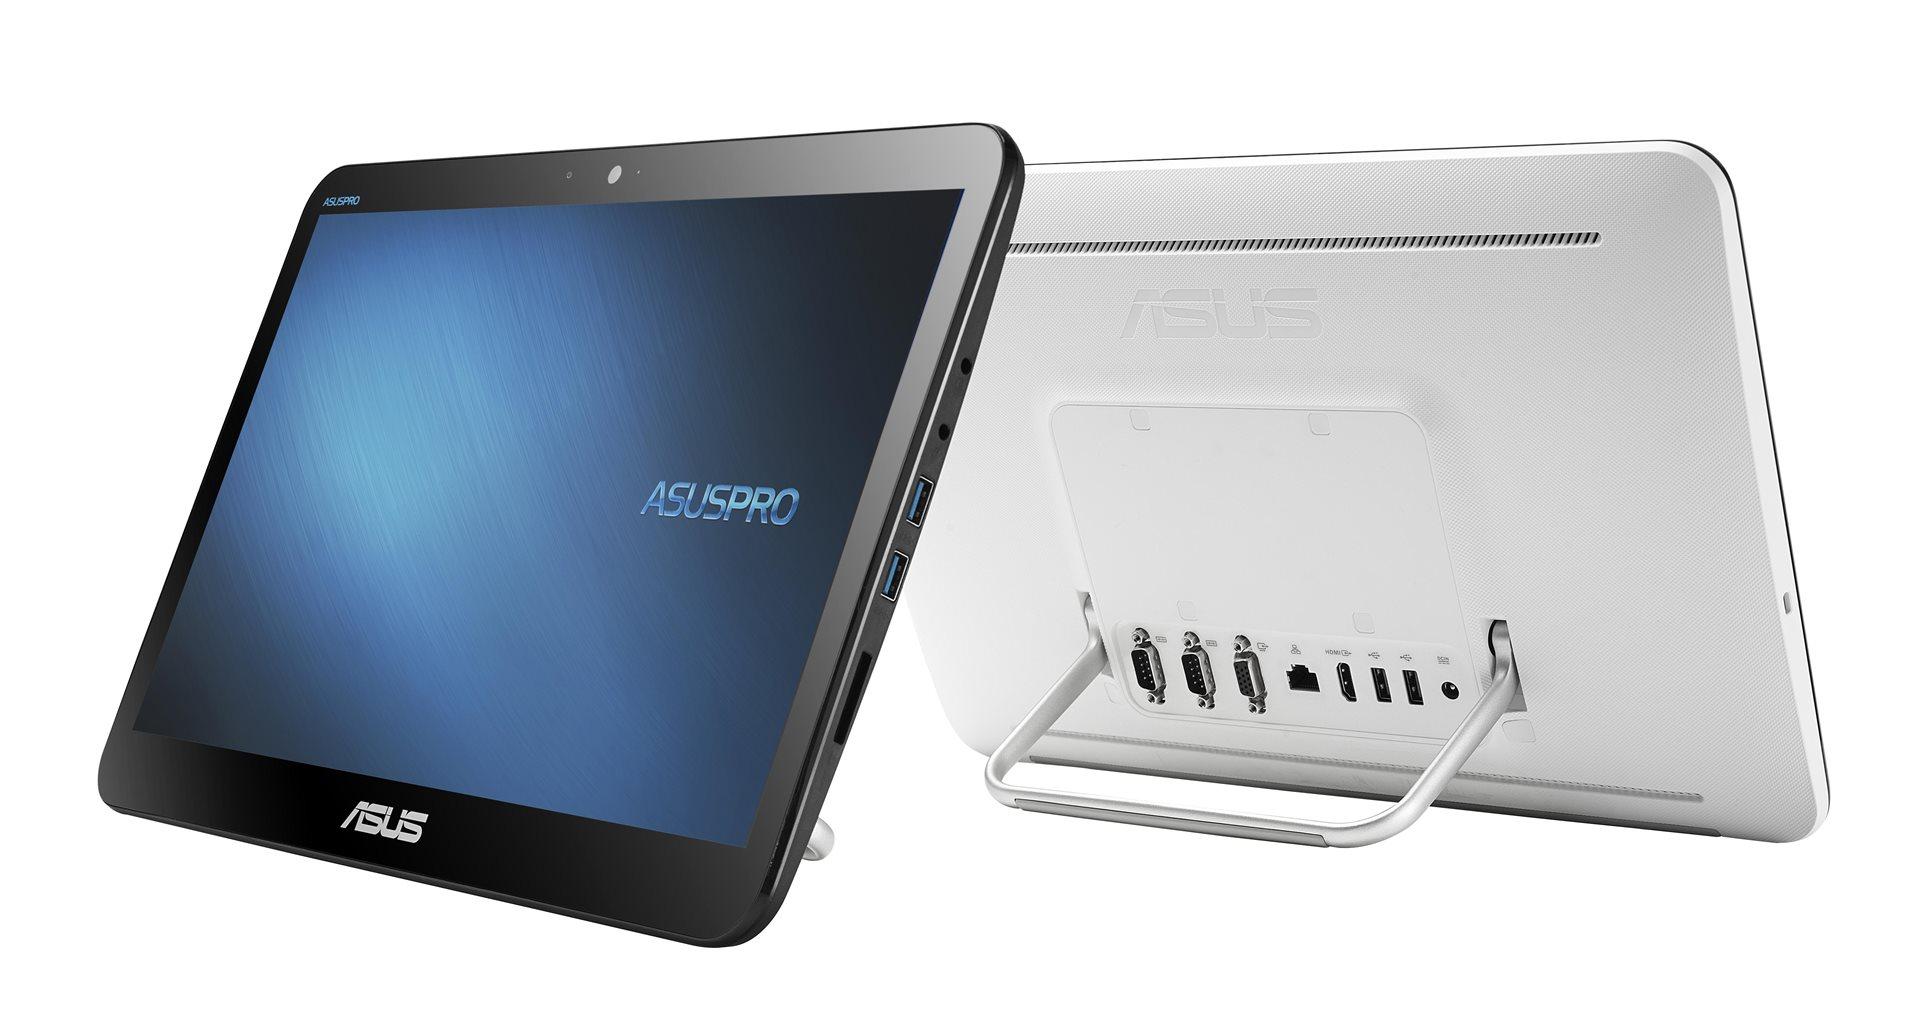 ASUS AIO A4110 15,6/N3150/500G/2G/bez OS, bílý